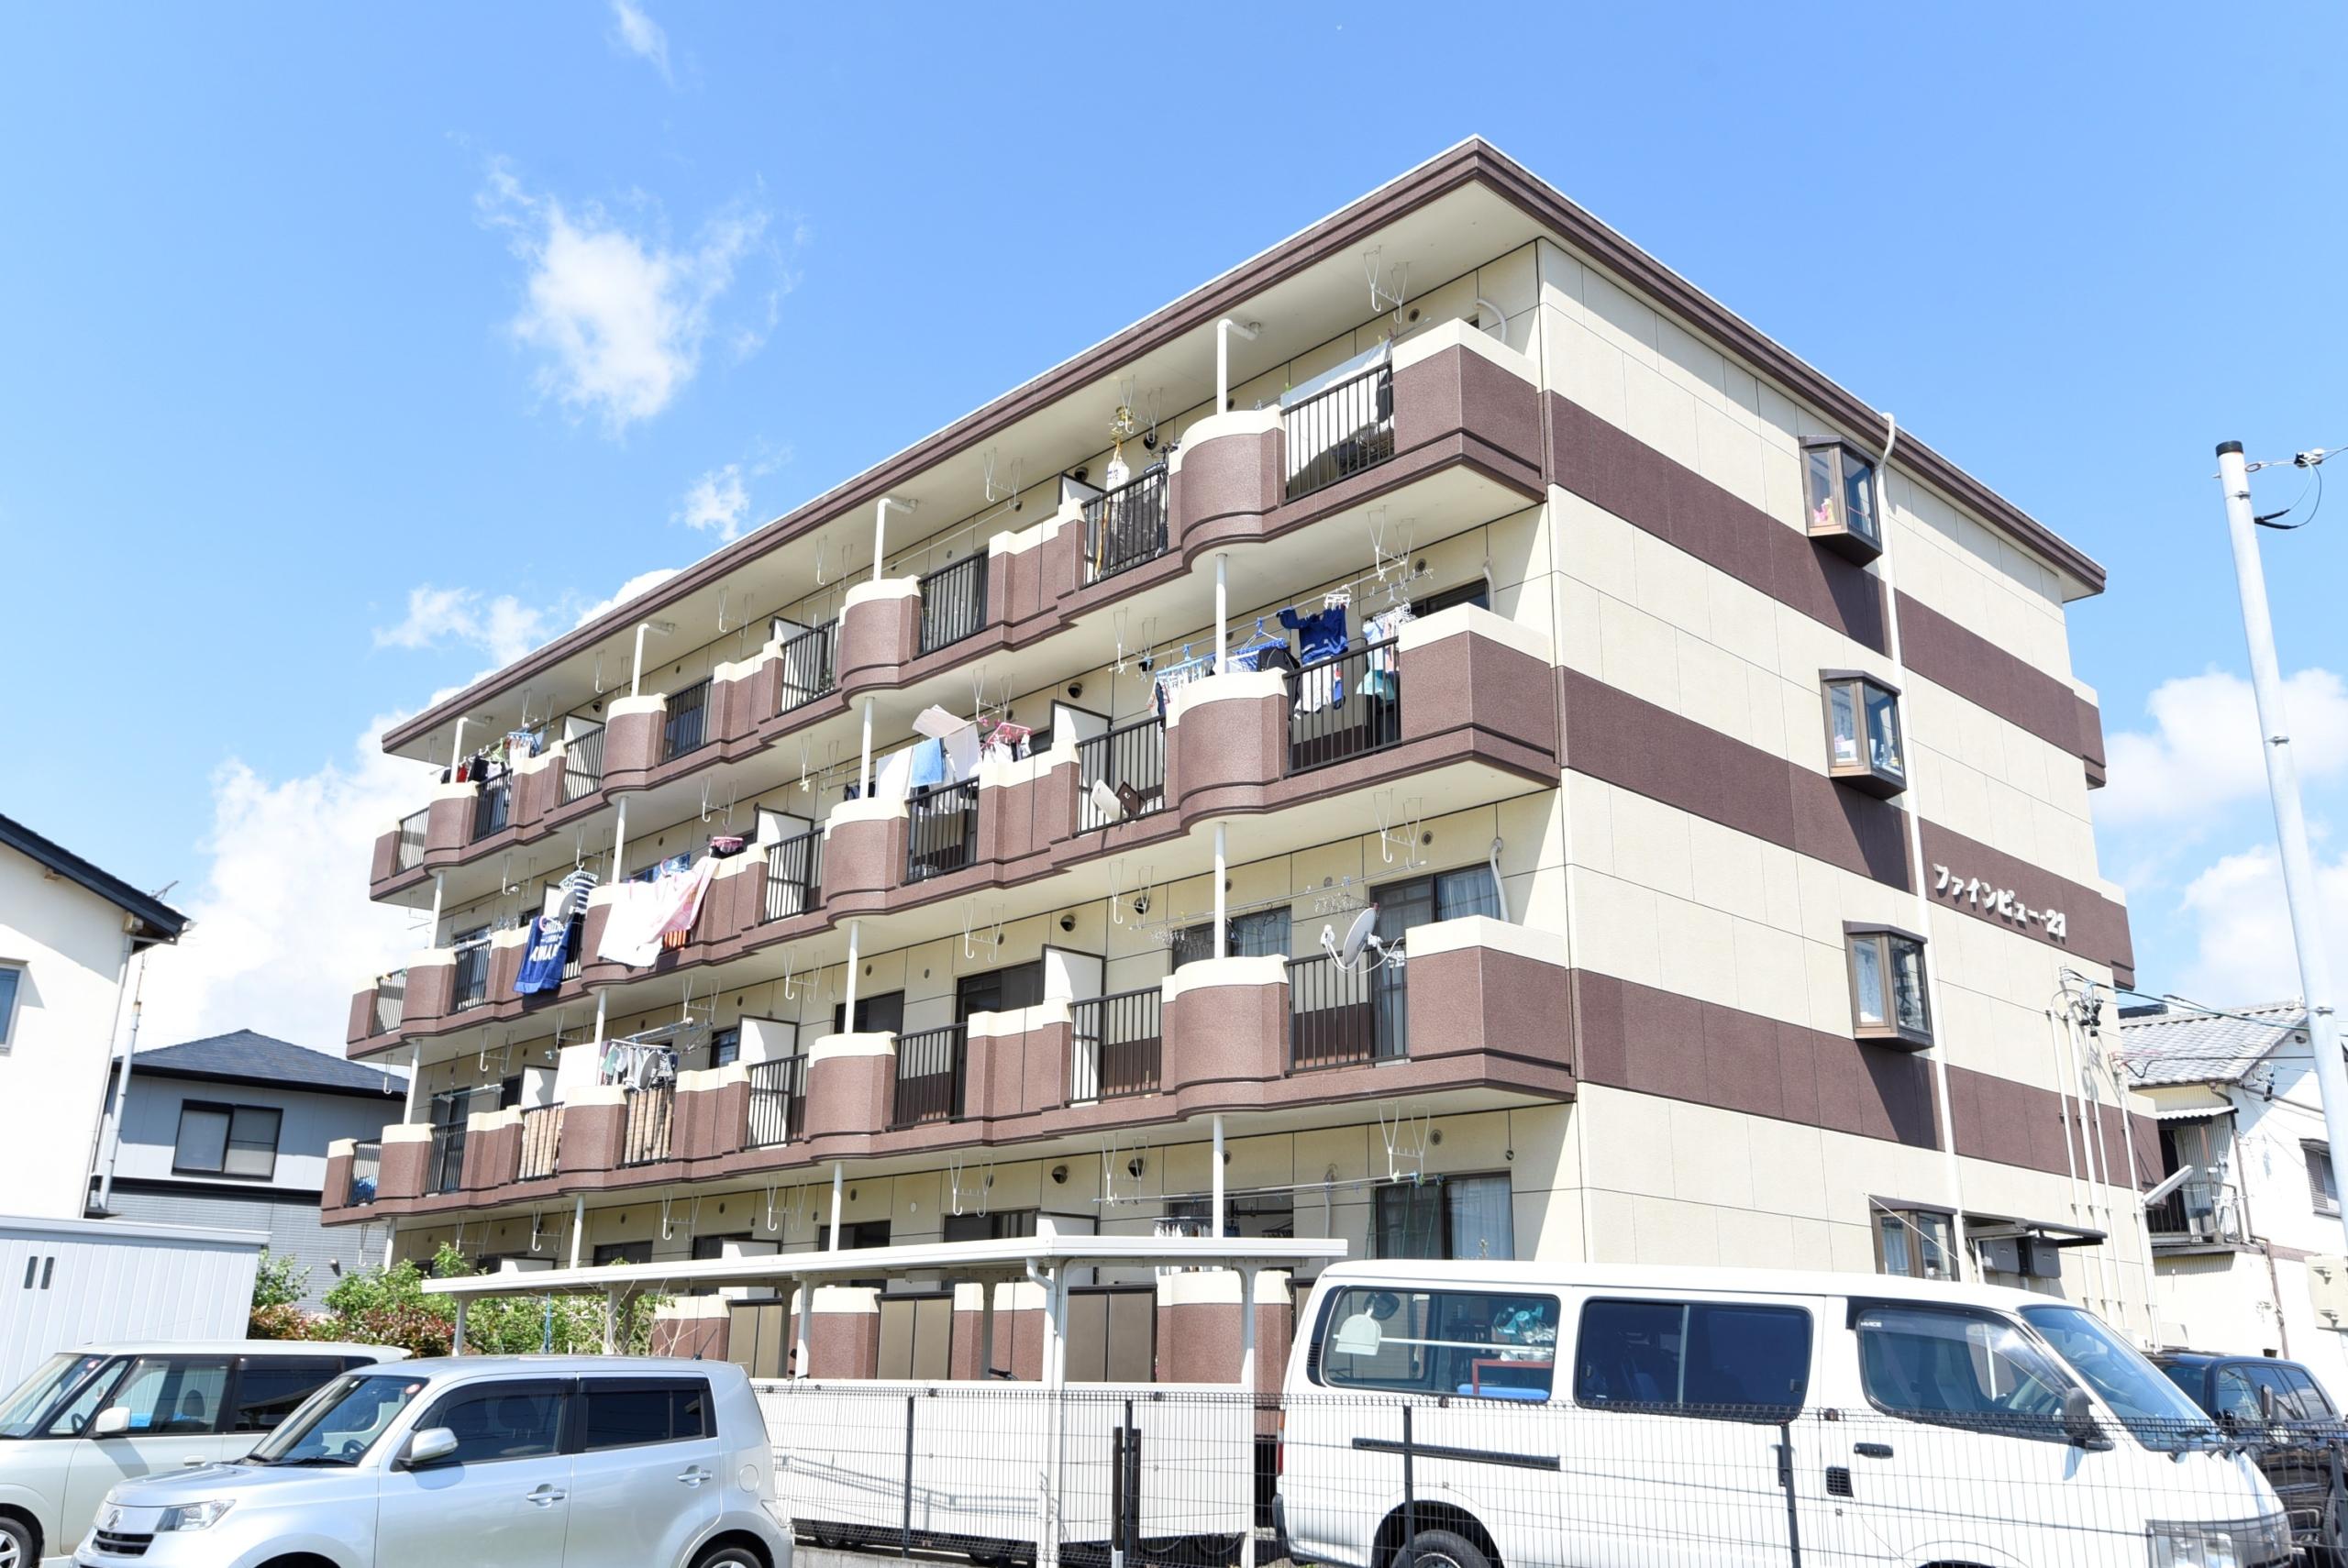 小学校まで徒歩6分、RC造りの防音性に優れたお部屋です♪ 陽当たり、通風、眺望も良好!お天気の良い日には、バルコニーから綺麗な富士山が望めますヨ、角部屋です♪